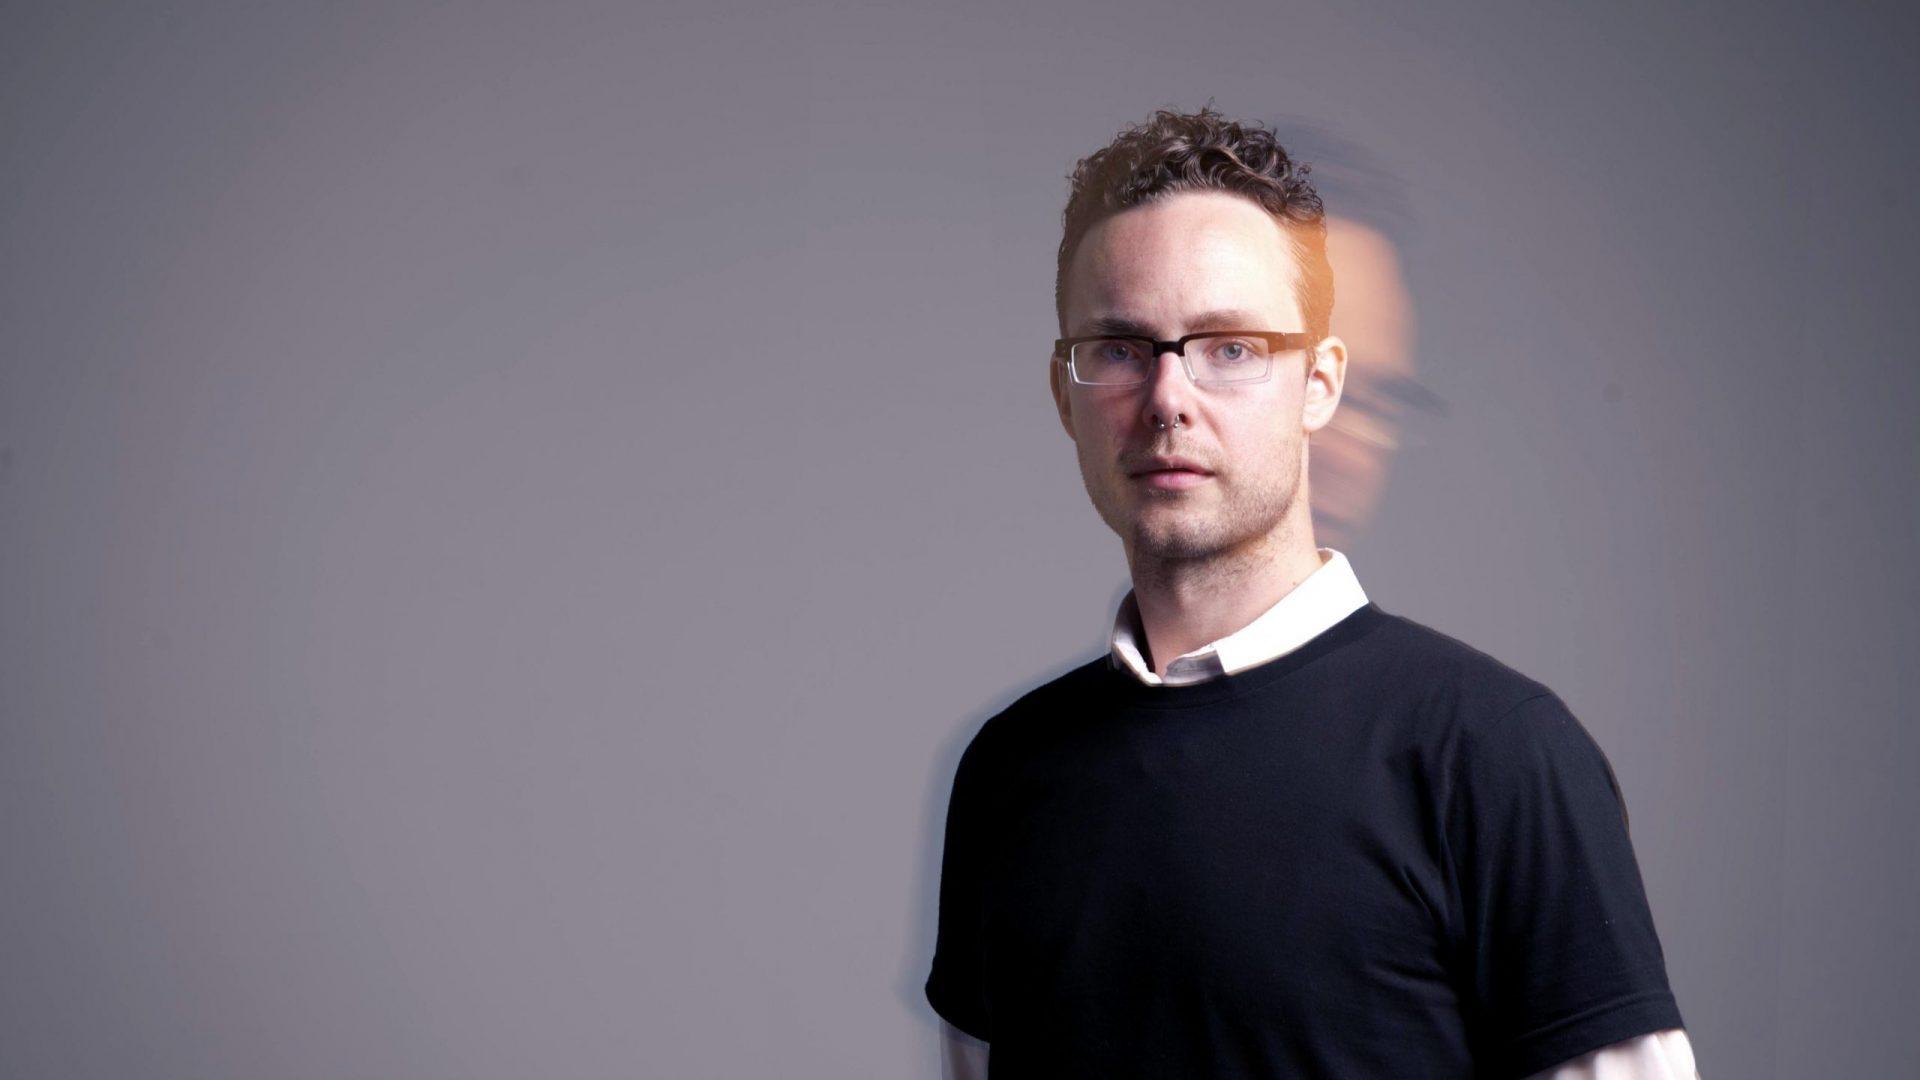 Ian William Craig by Alex Waber